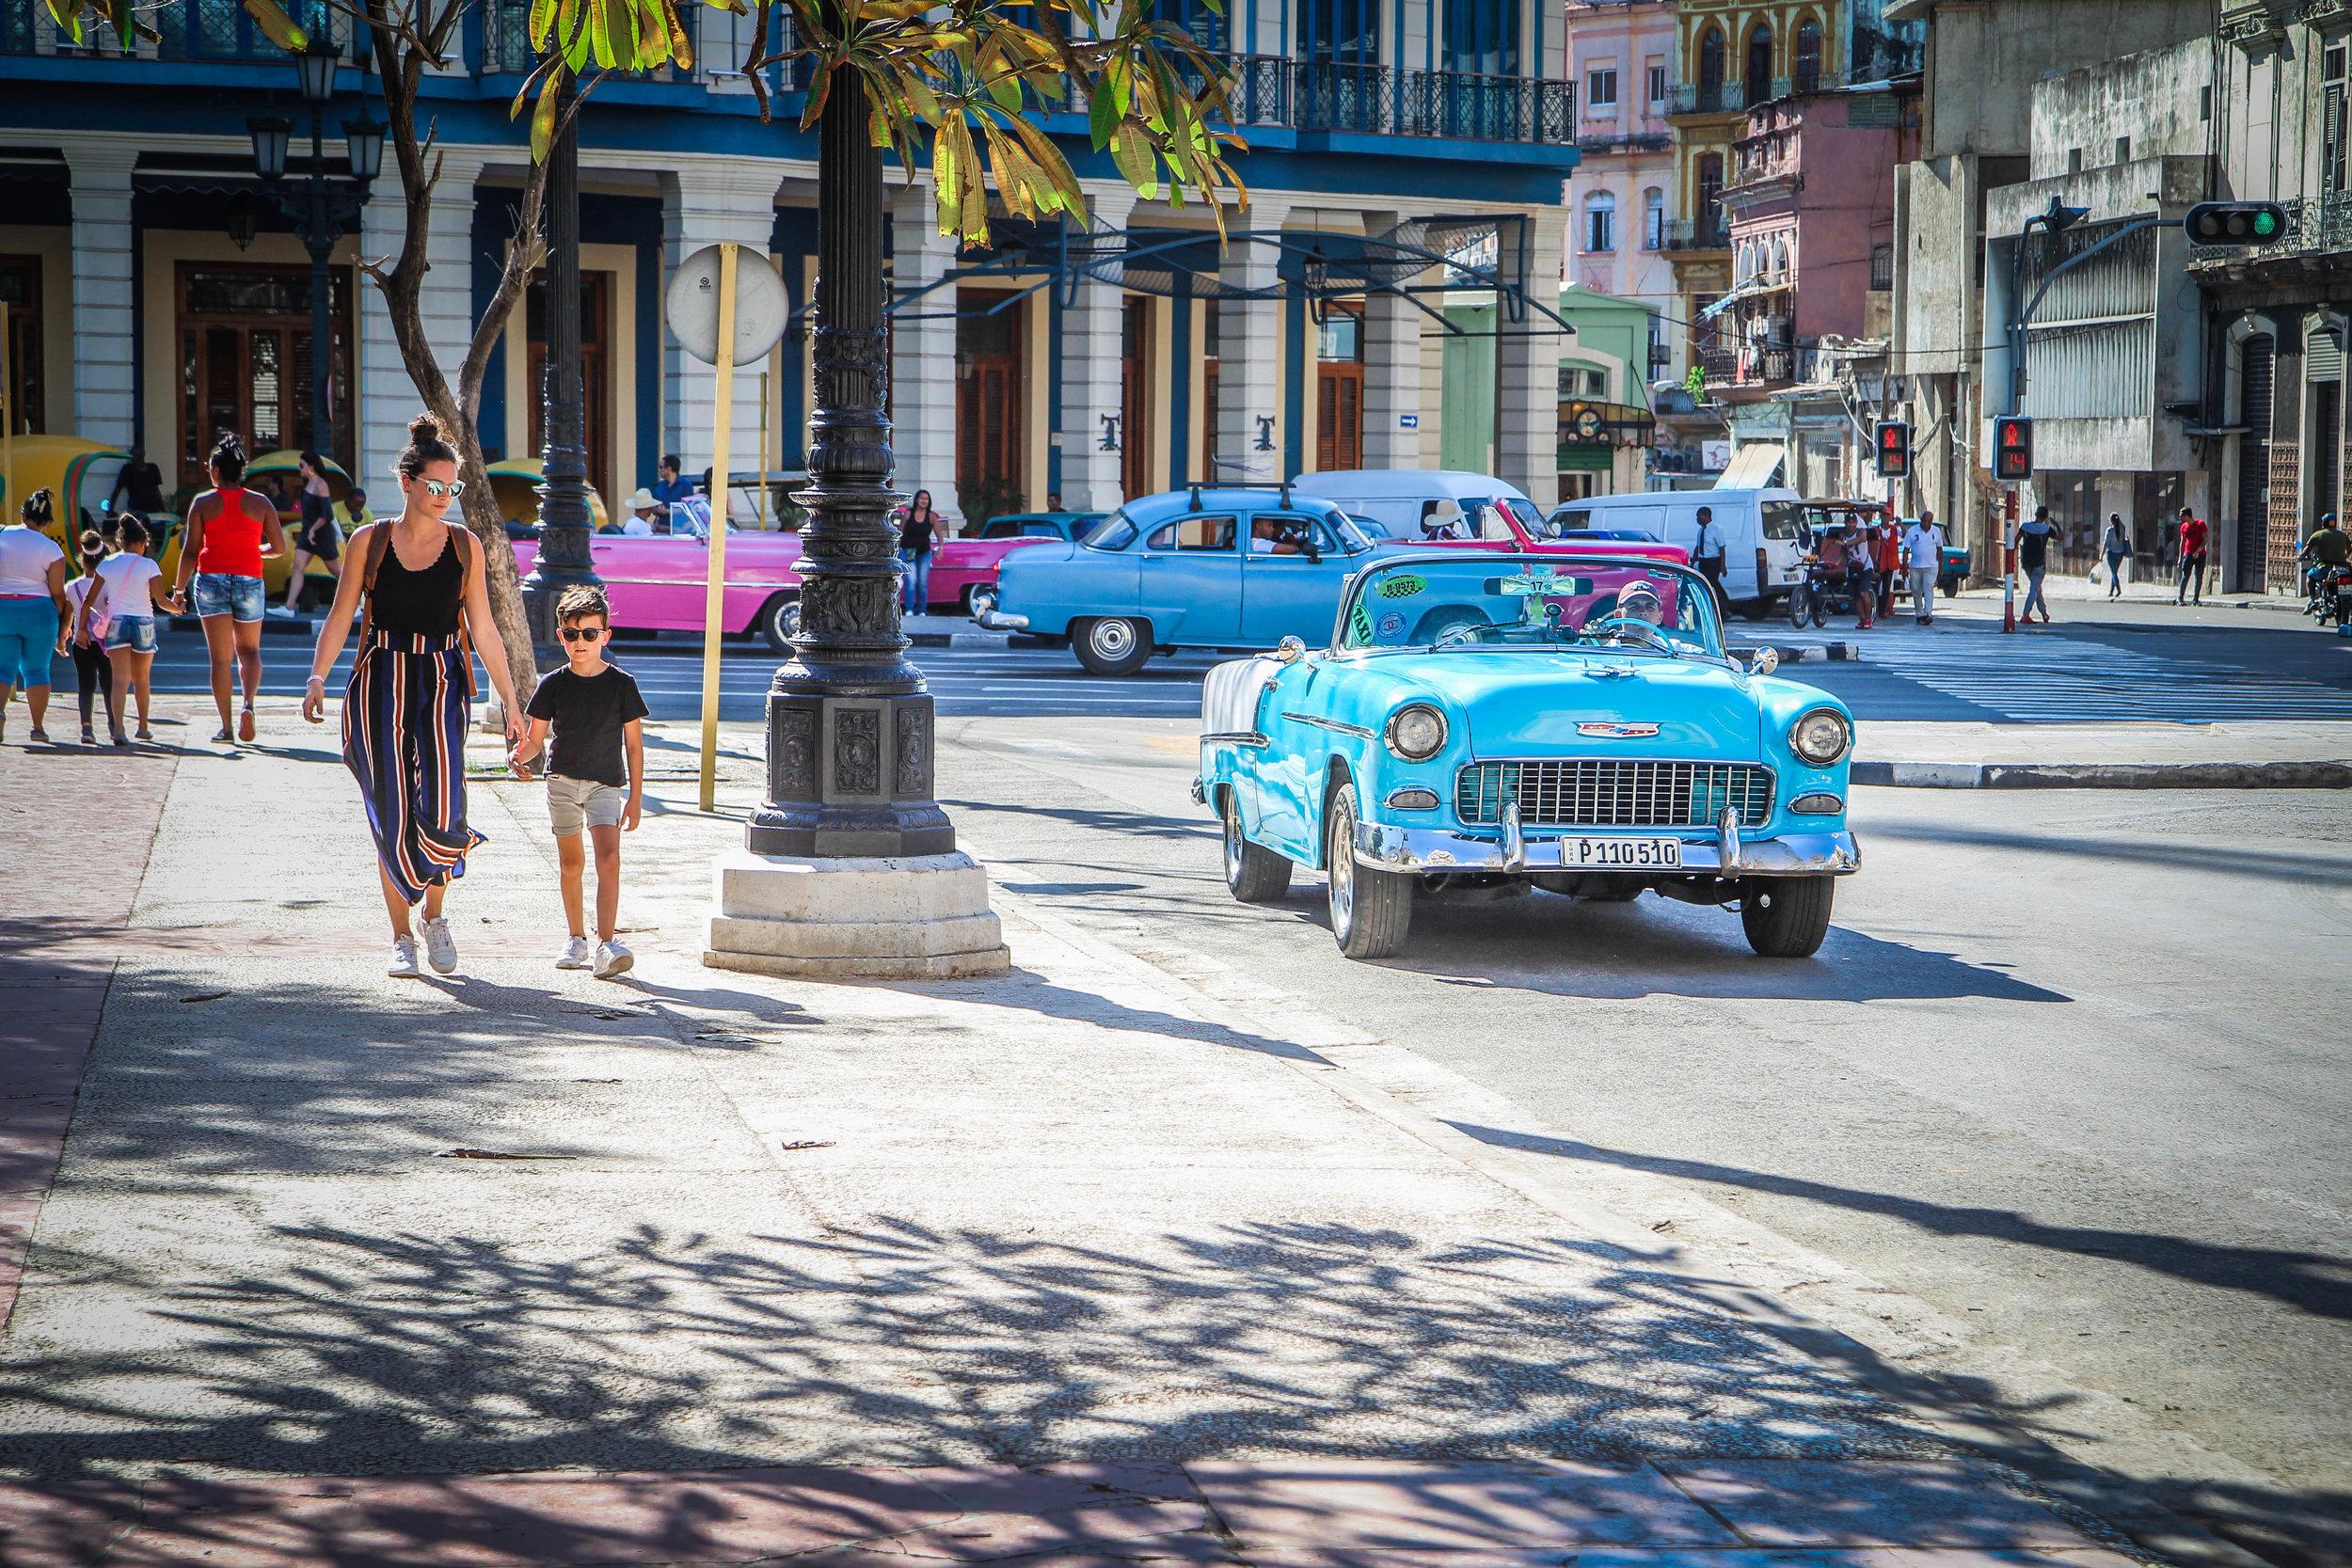 Cuba_Havana_reizen_met_kinderen_withkidsontheroad 10.jpg